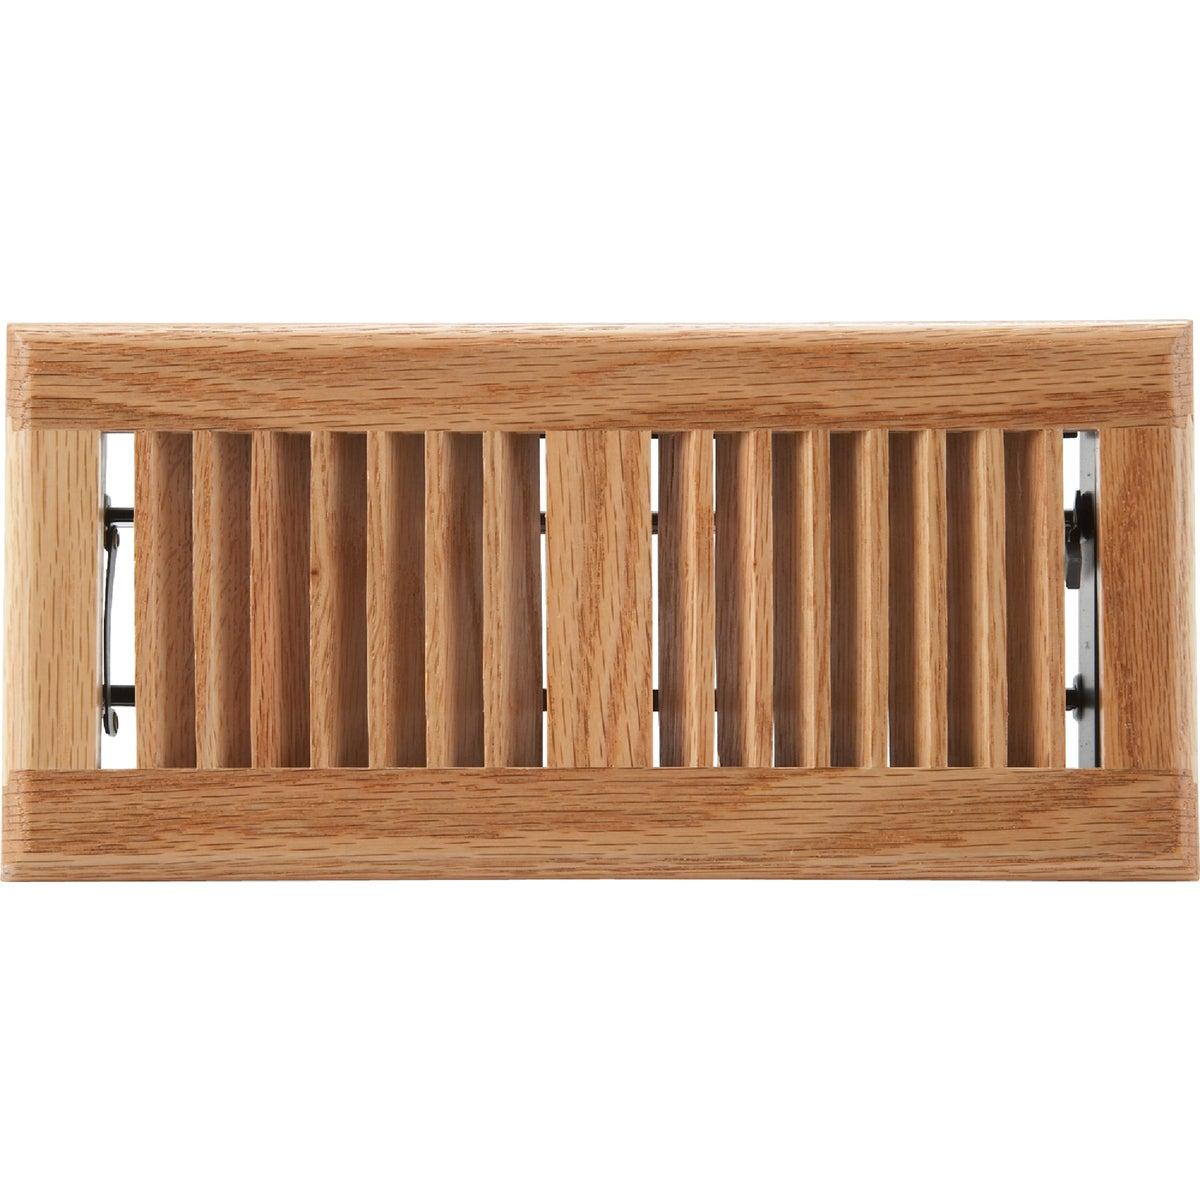 Home Impressions Contemporary Oak Floor Register, WF0410L0